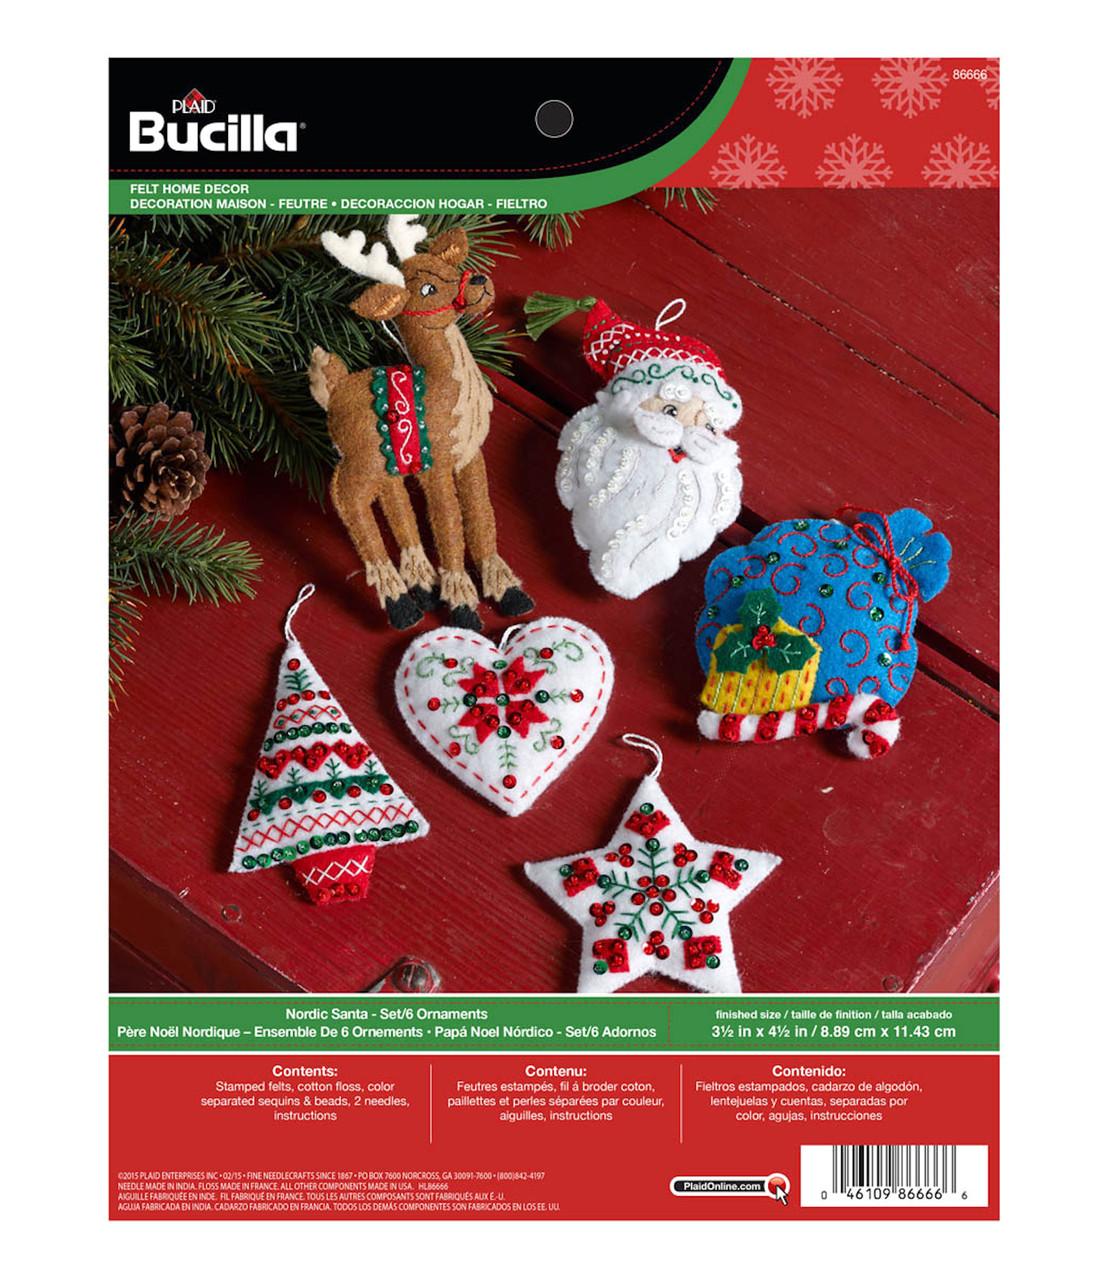 Plaid / Bucilla - Nordic Stanta Ornaments